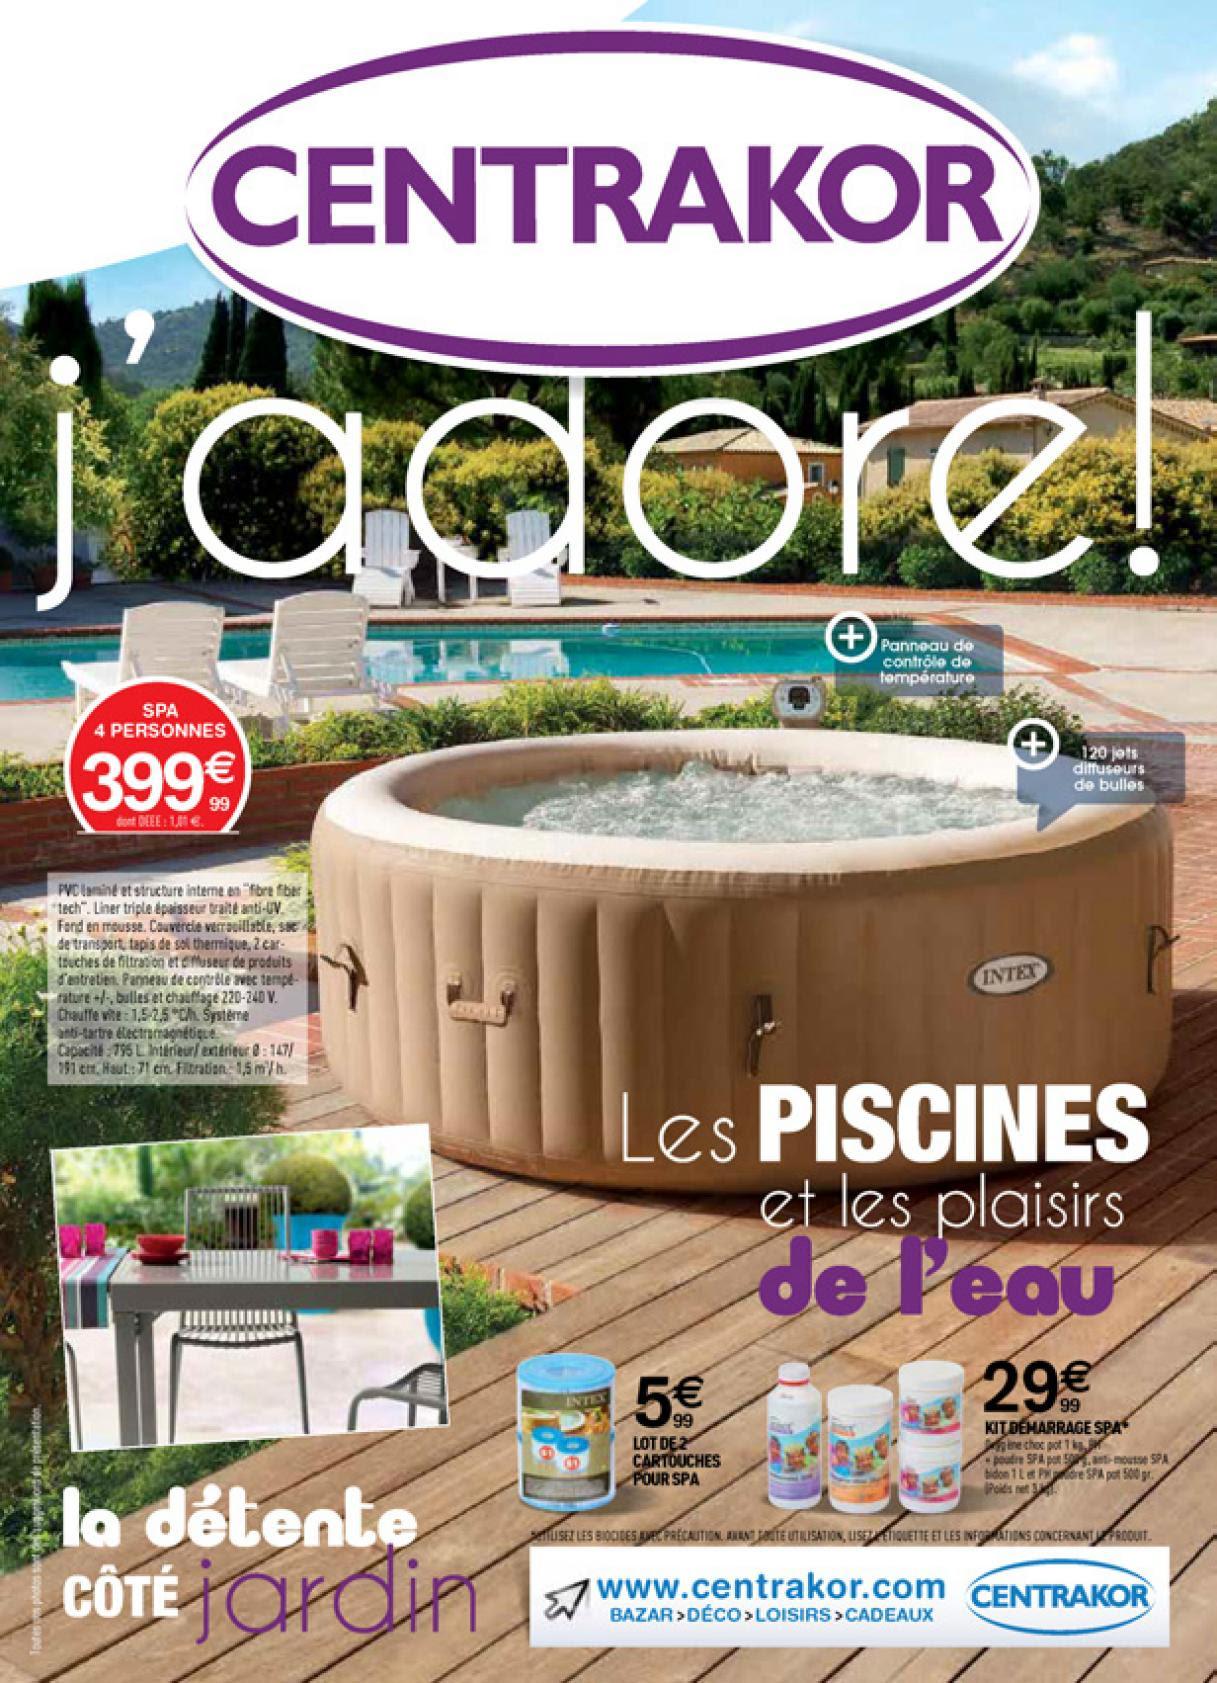 Catalogue Centrakor Salon De Jardin The Best Undercut Ponytail